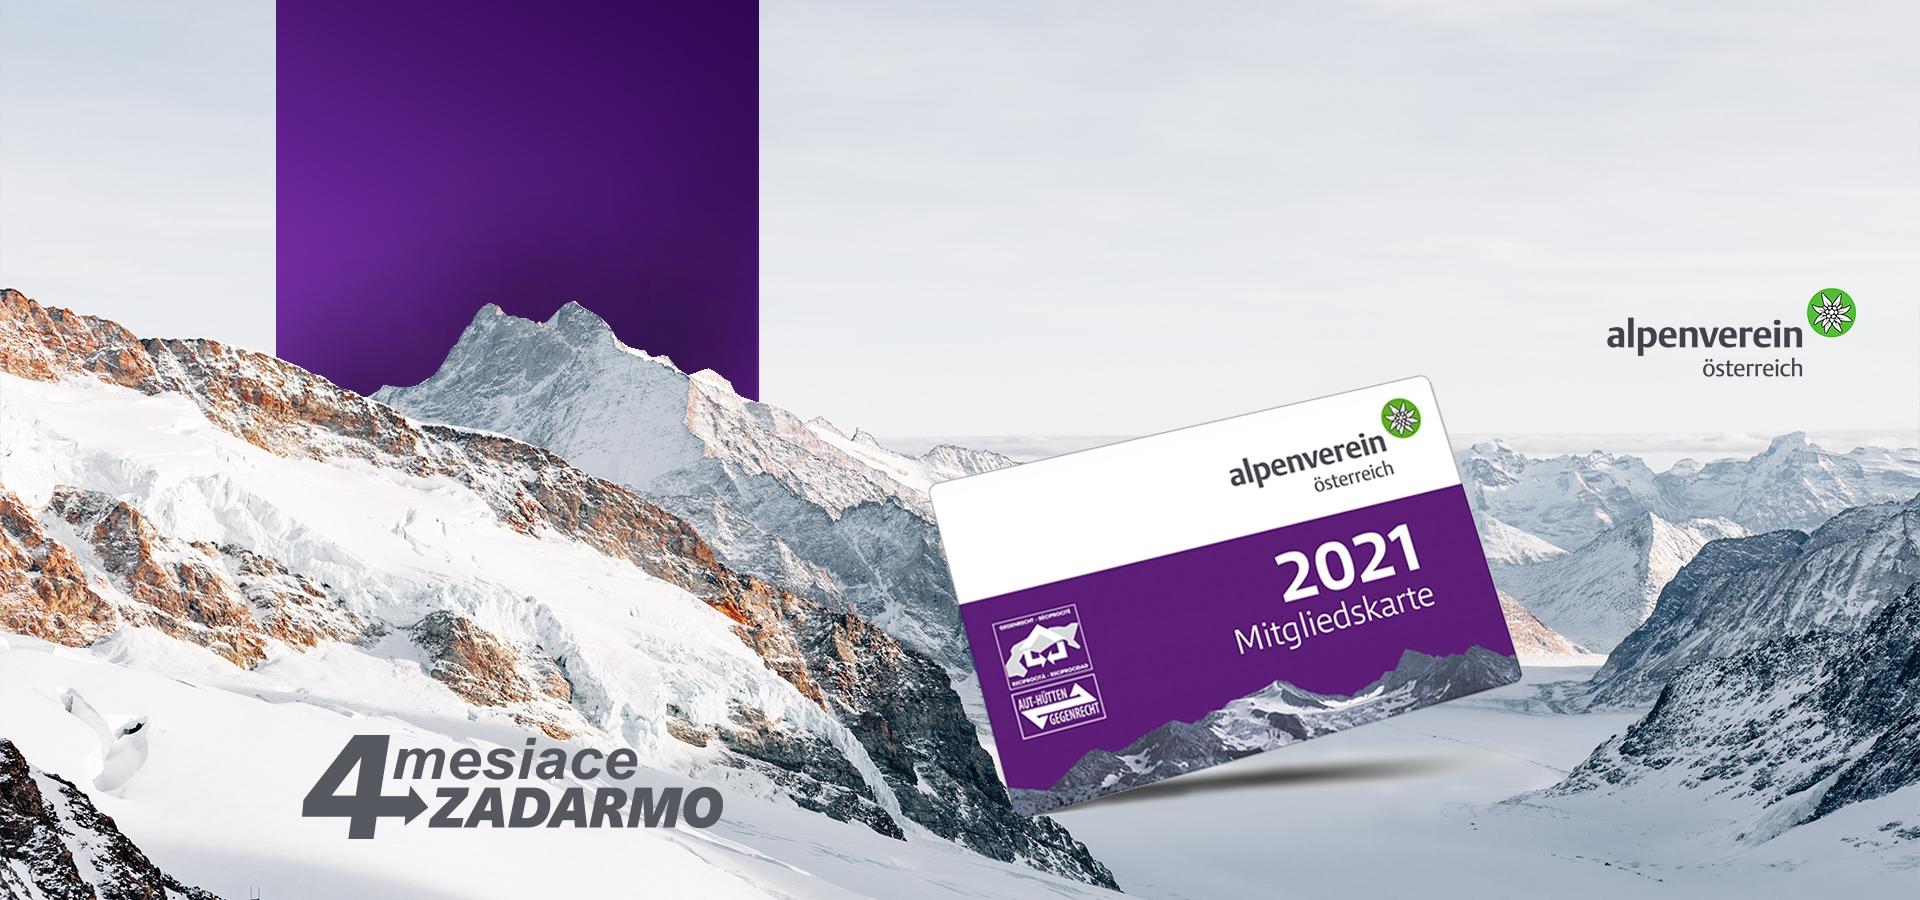 Alpenverein 2021